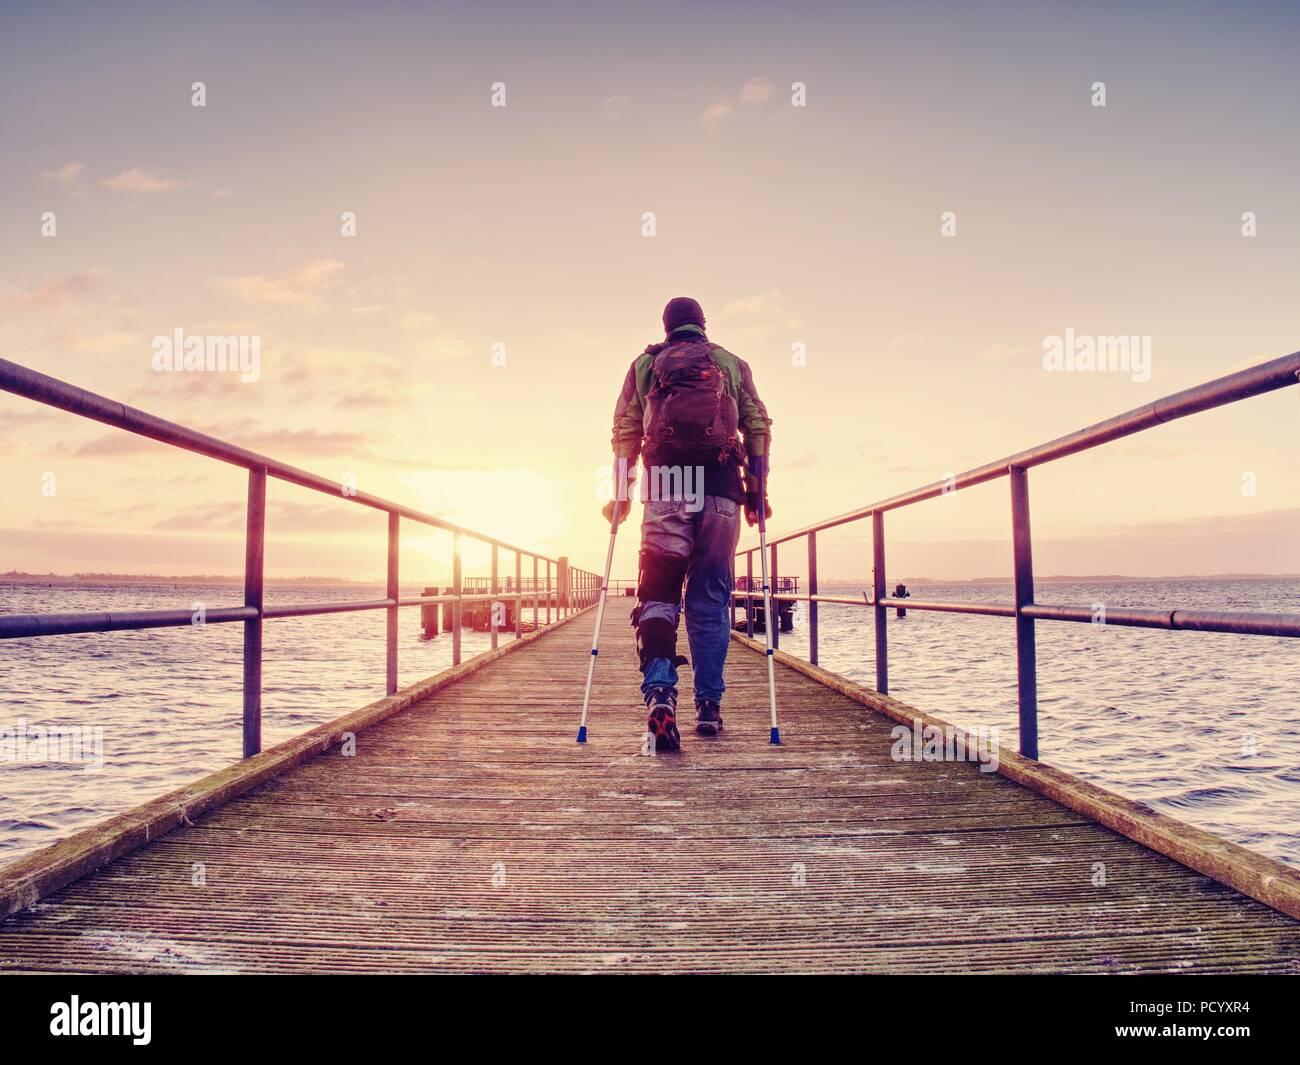 Ferire l'uomo con giacca con cappuccio e avambraccio stampelle in piedi sul ponte del mare entro la mattina presto e di pensare. Cupo nostalgico silhouette di sad lonely Immagini Stock